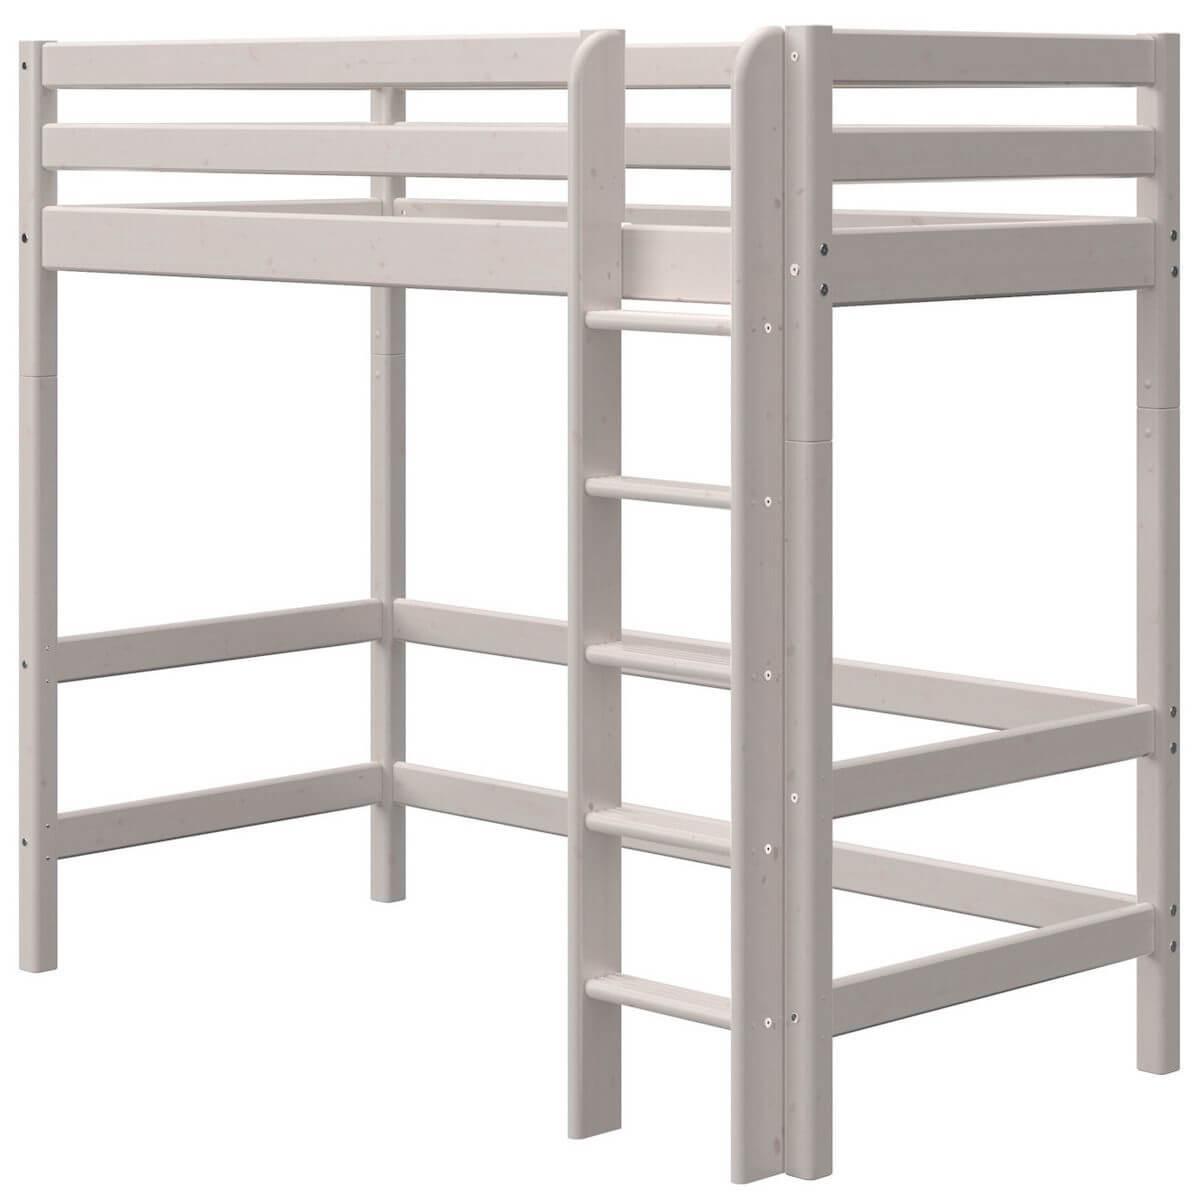 Lit mezzanine haut 90x190cm échelle droite CLASSIC Flexa grey washed